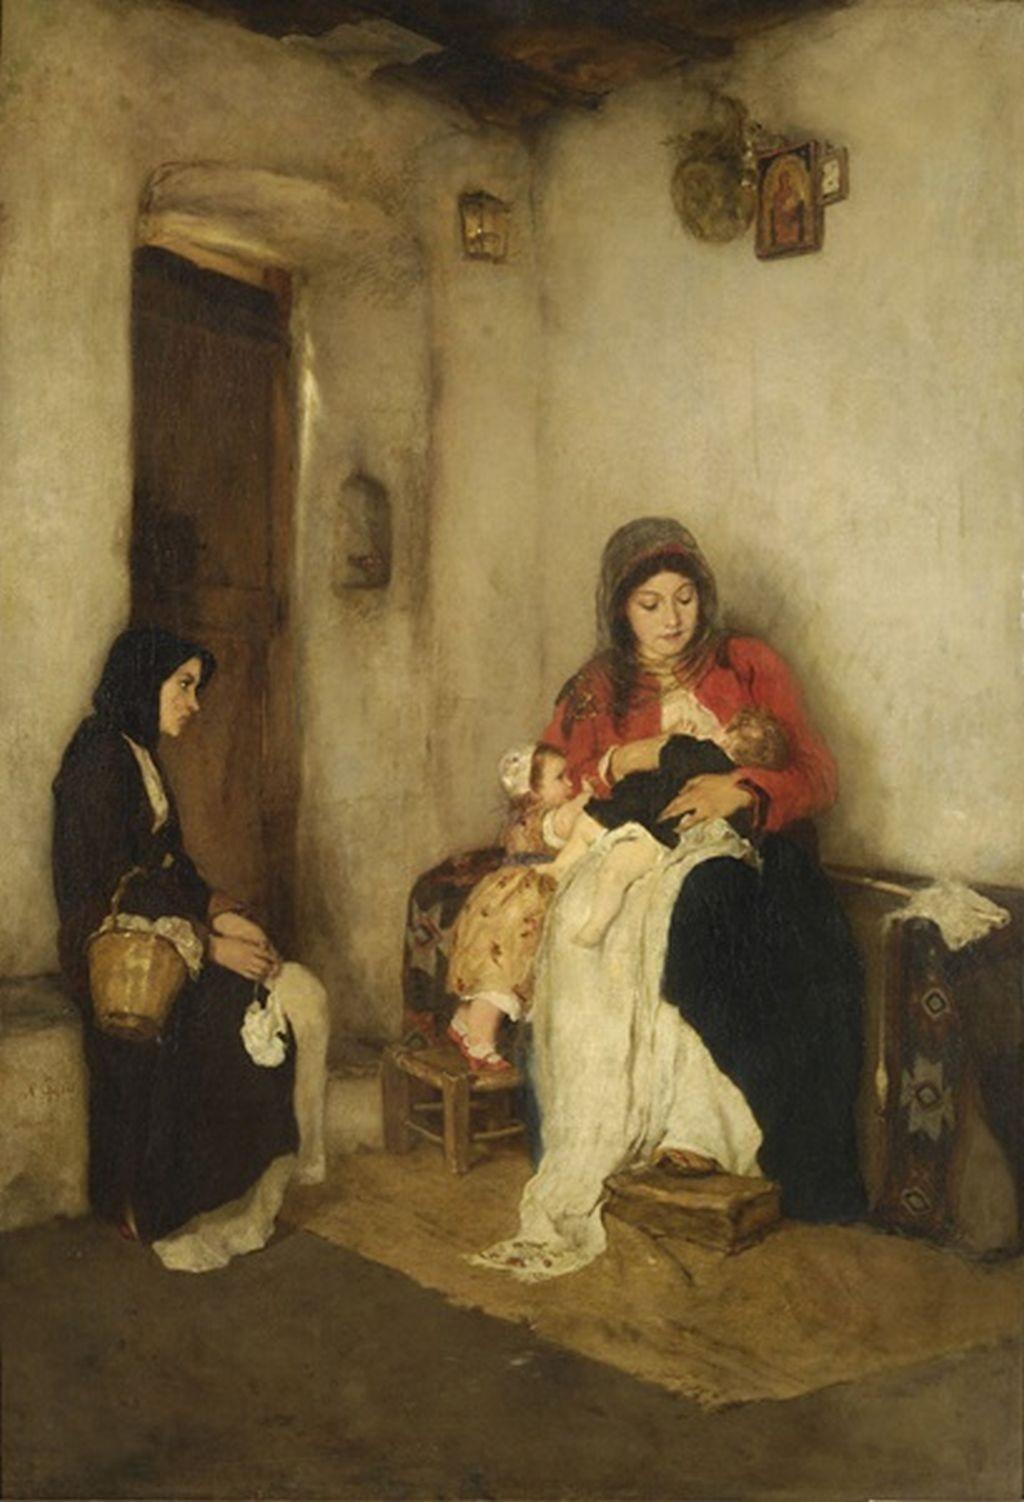 """Η Μητέρα μέσα από το """"μάτι"""" της Τέχνης"""